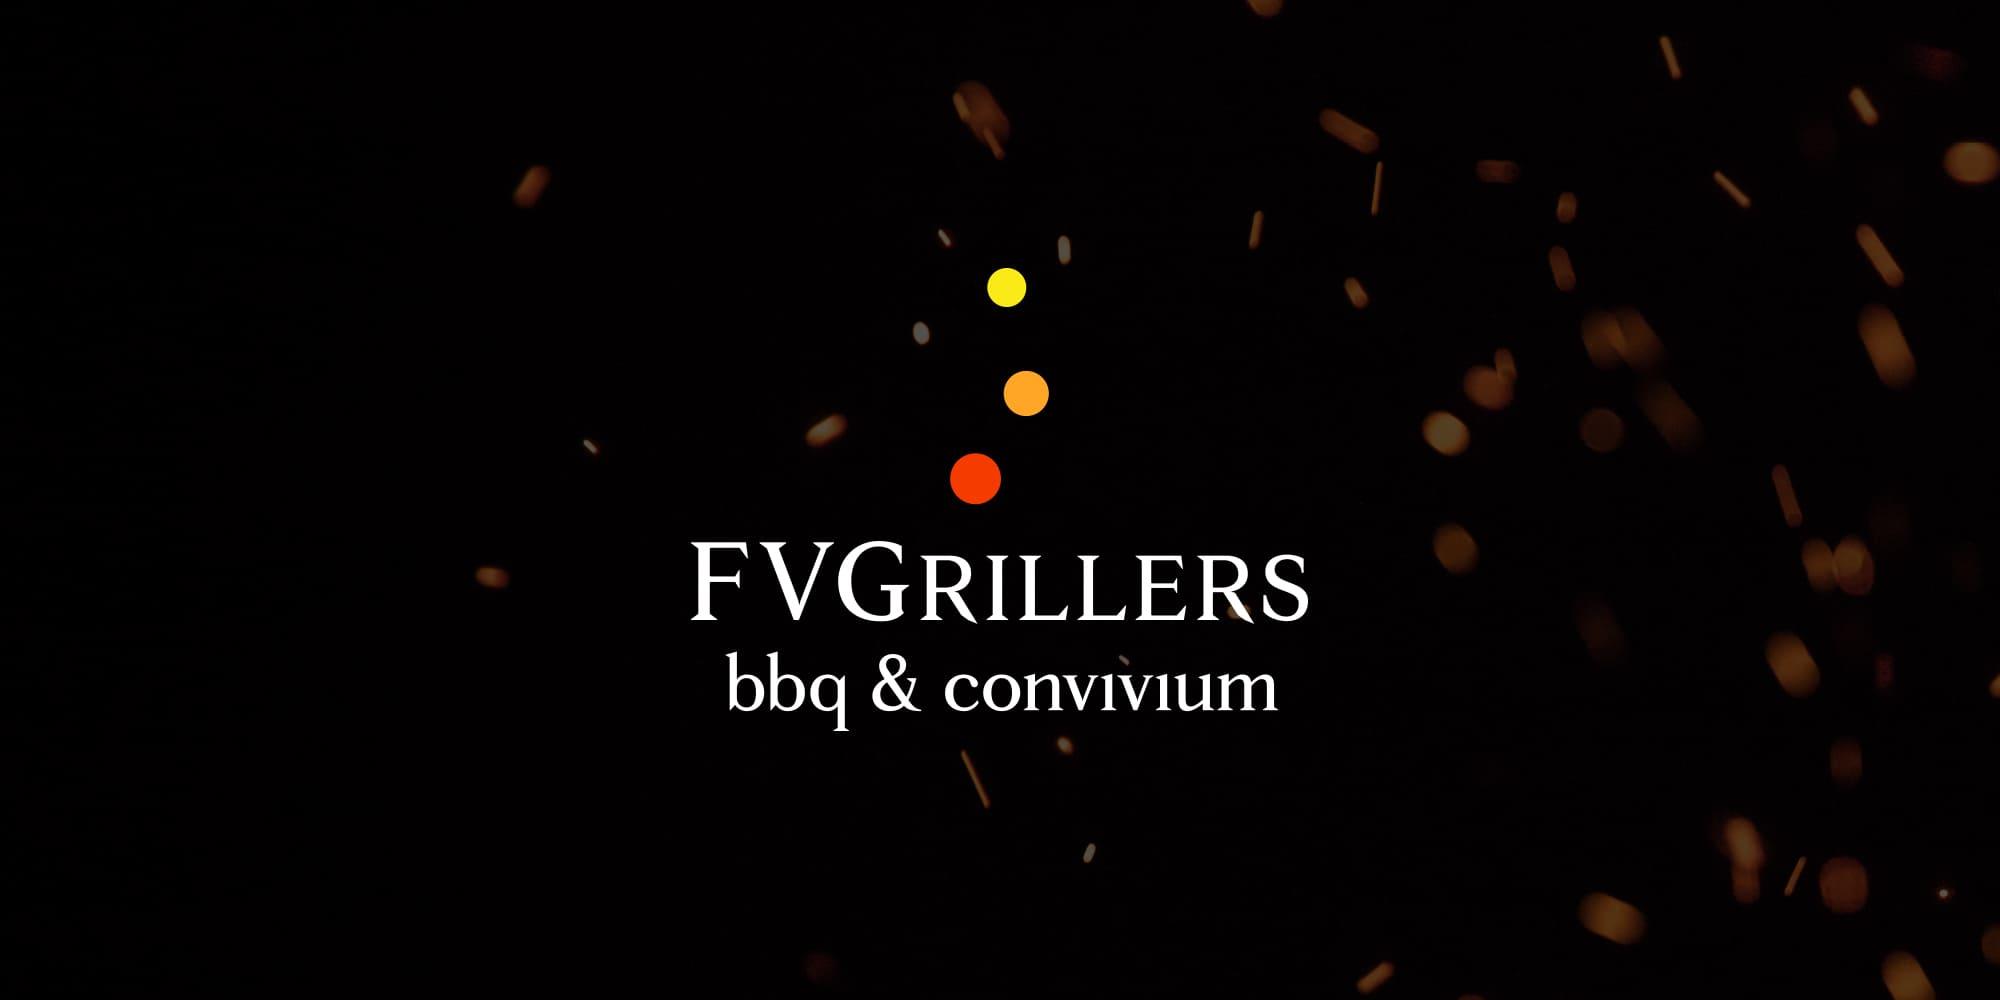 FVGrillers bbq & convivium cover scintille - stilographico